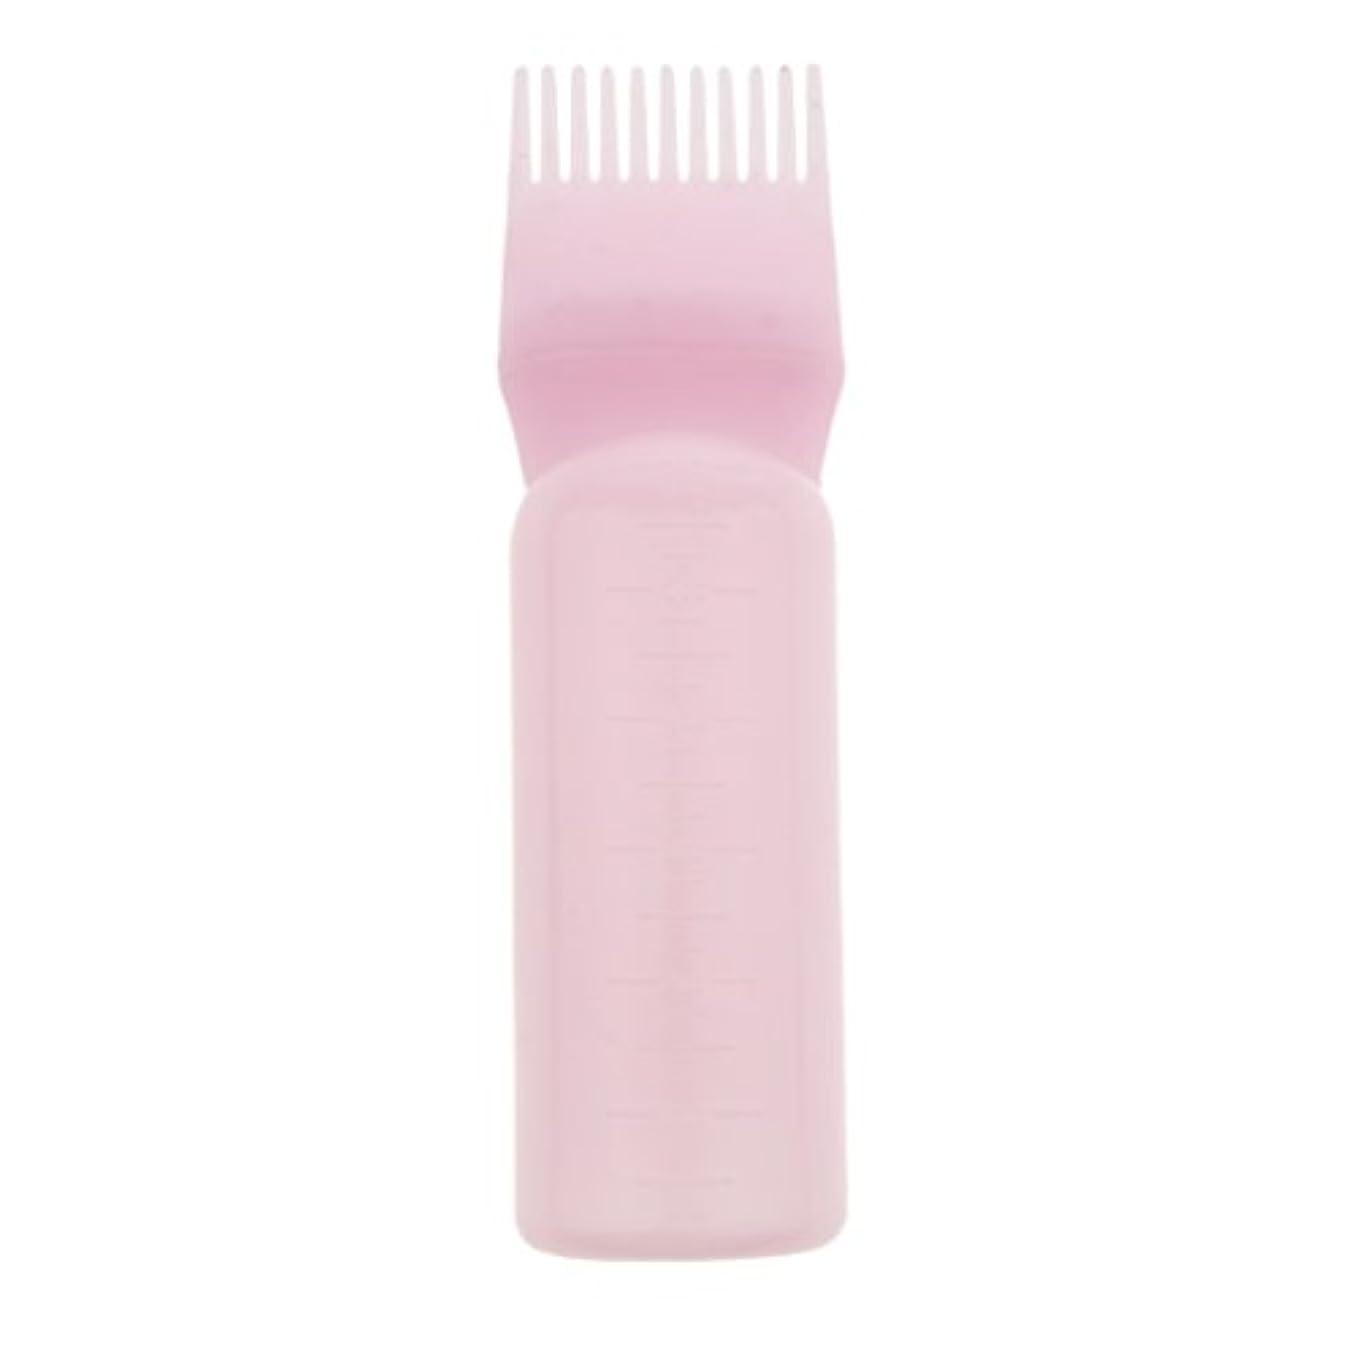 仕方石炭解決する髪染め ヘアカラー ヘアダイ ボトル ディスペンサーブラシ ヘアサロン 2タイプ選べる - ピンク